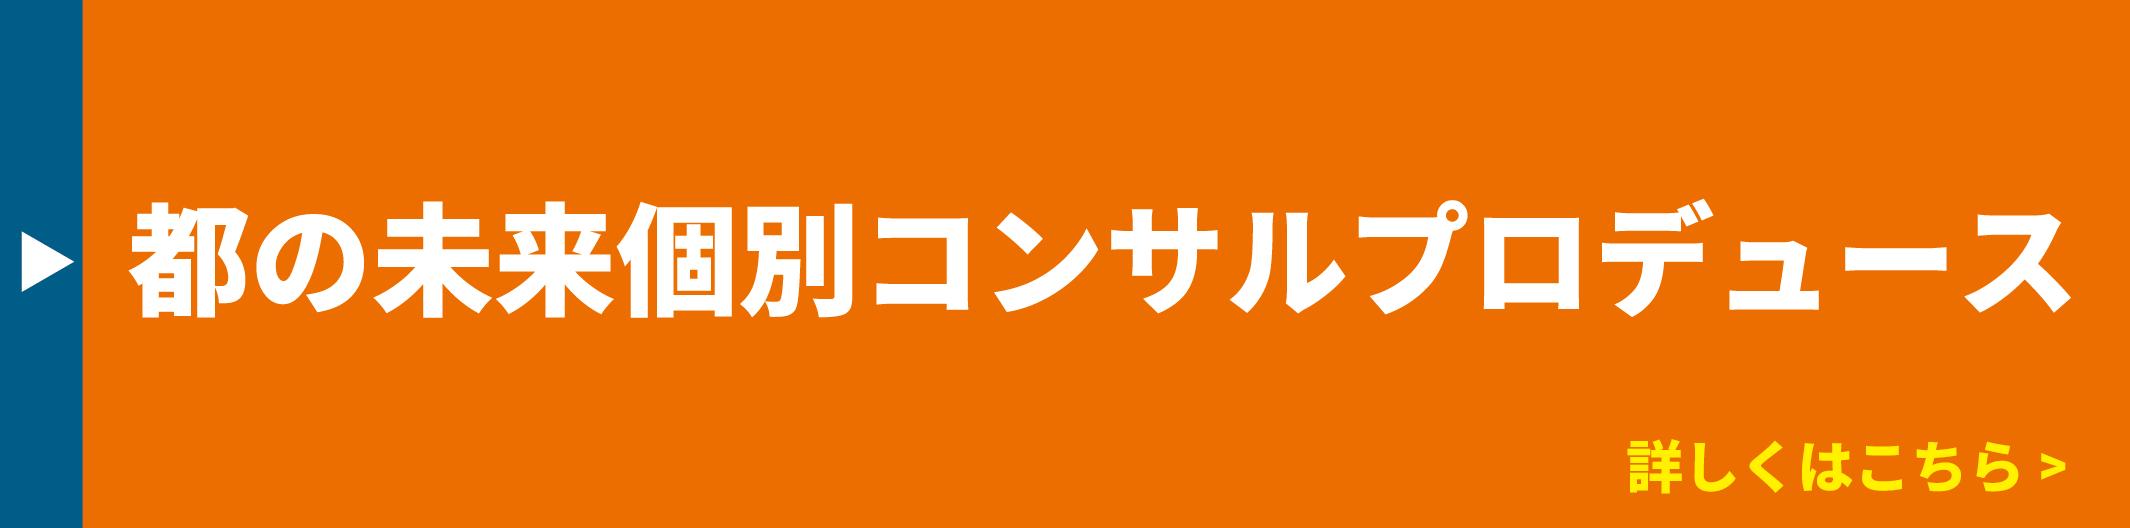 プロデュースメニュー6a